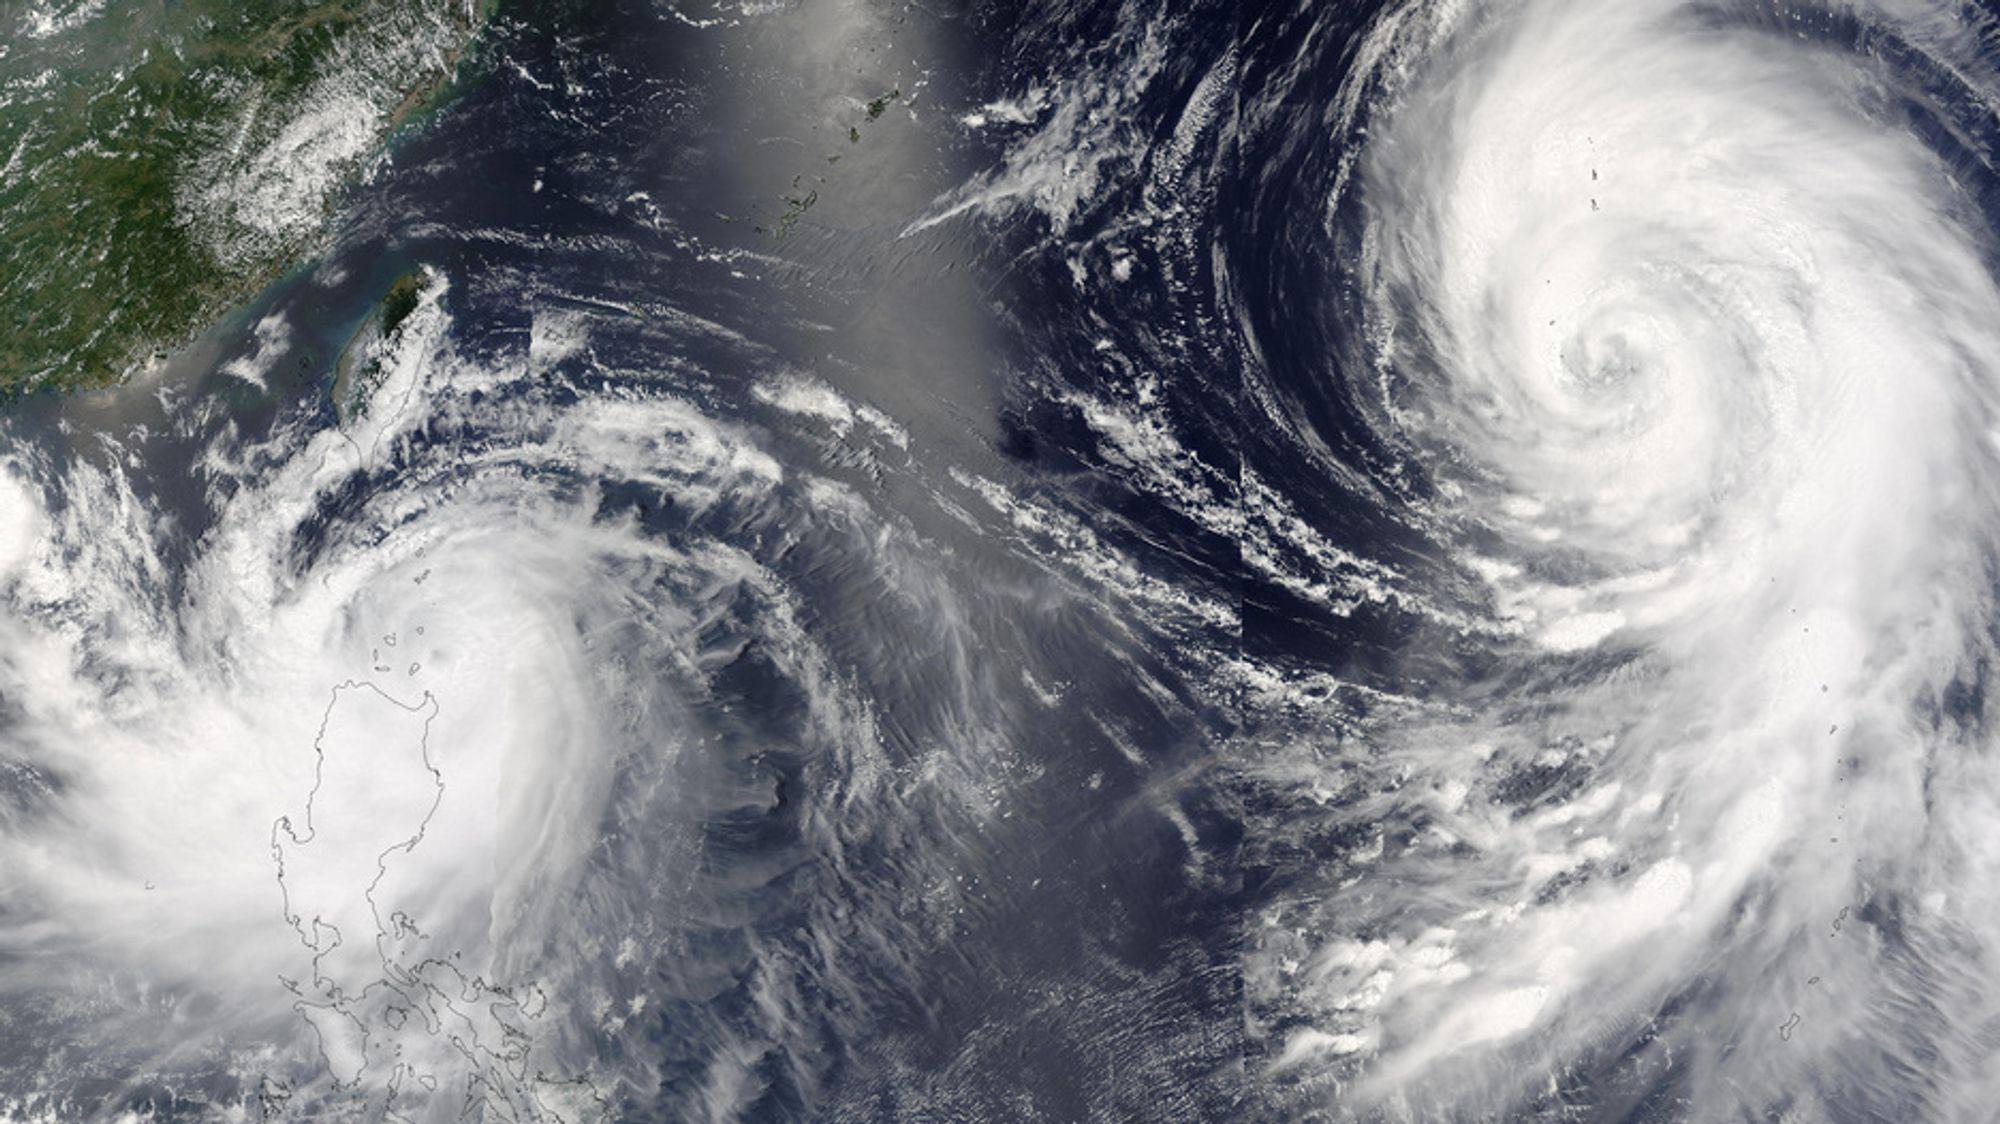 Tyfonen Mindulle traff Taiwan og Filippinene i juni 2004. Skadene var store, men for klimaet var det ikke så aller verst. Tusenvis av tonn av karbonholdig jord ble lagret på havets bunn.